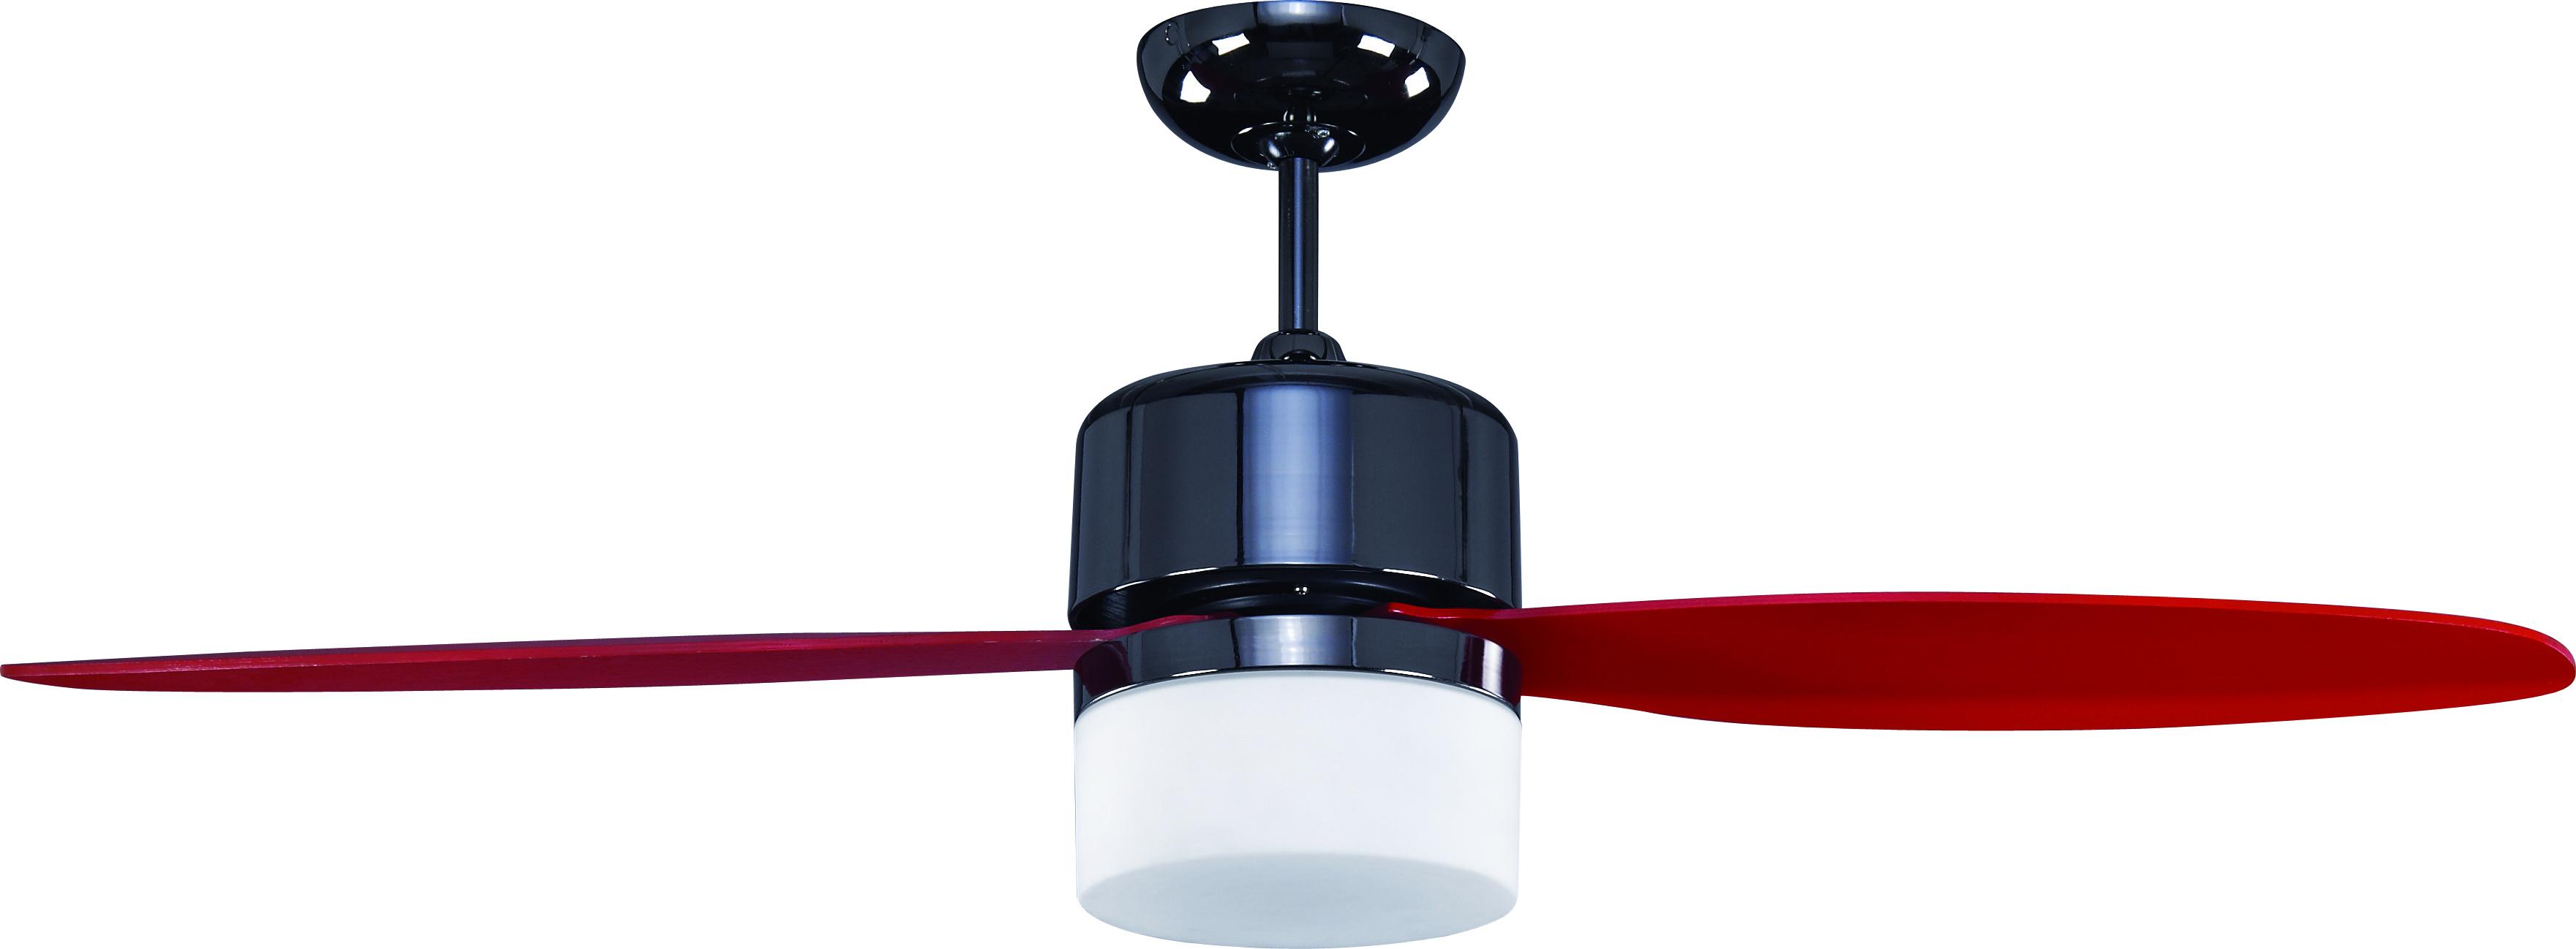 15319【Light Fan】Dazzling Red